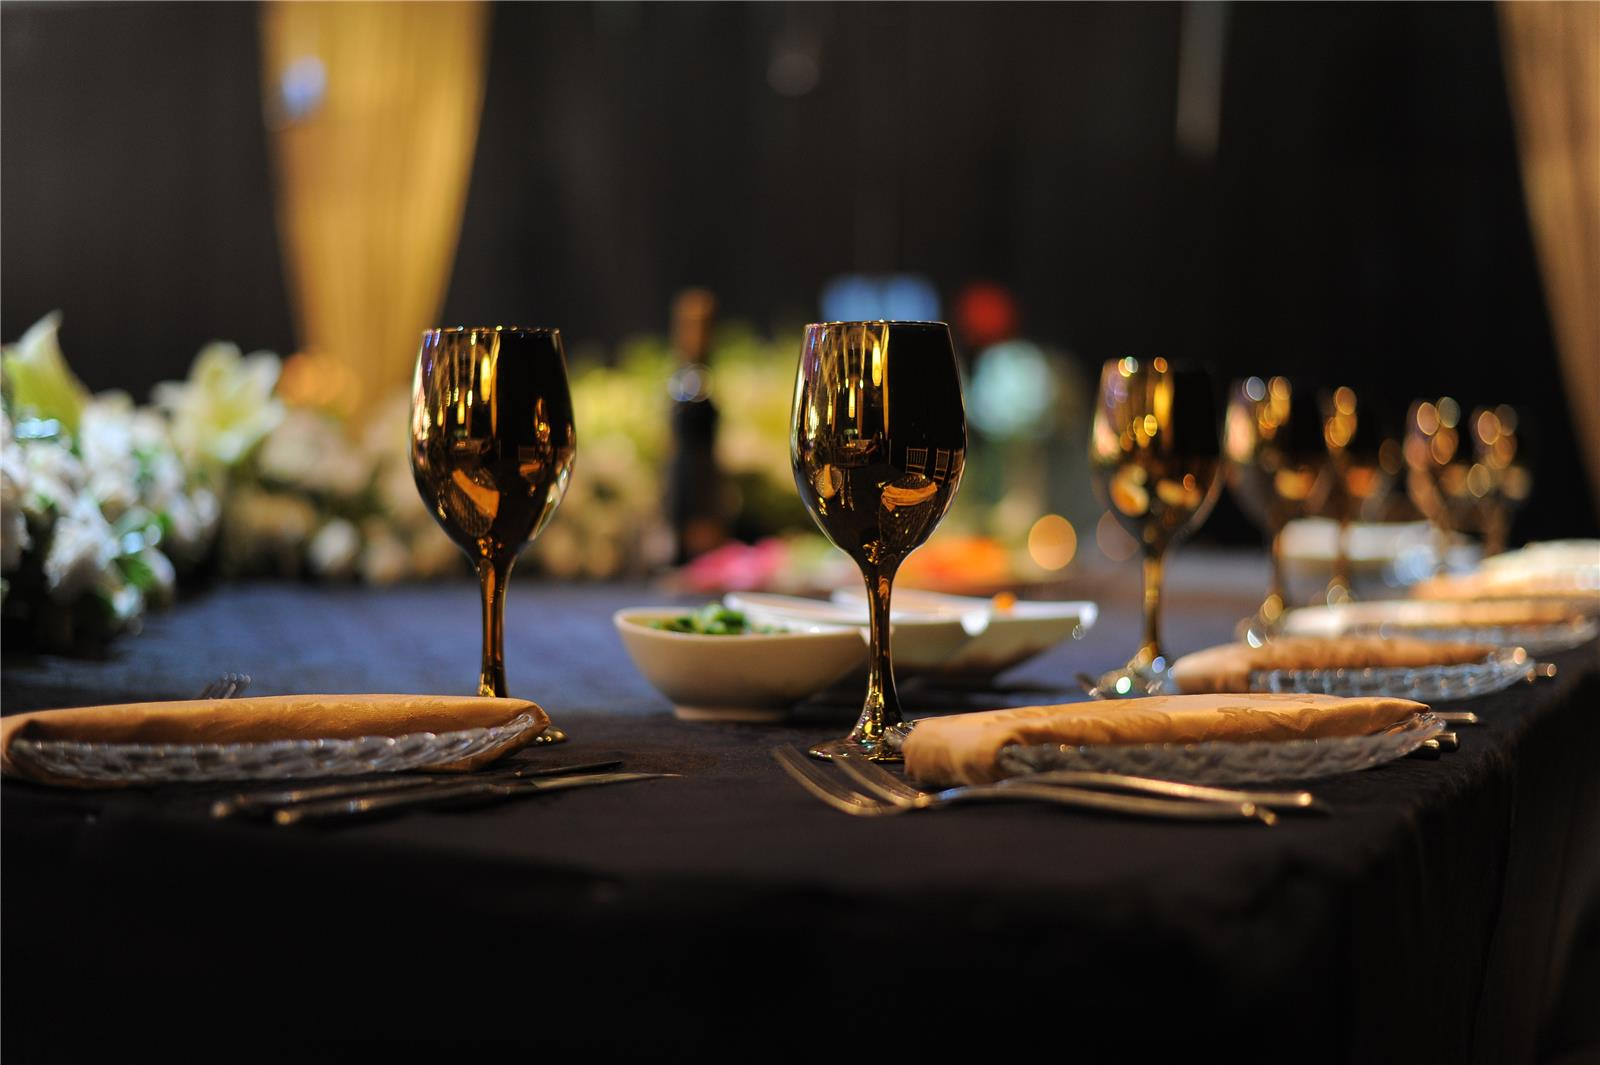 דרום לבן: לוקיישנים מהממים לחתונה בדרום, מקום לחגוג, 8